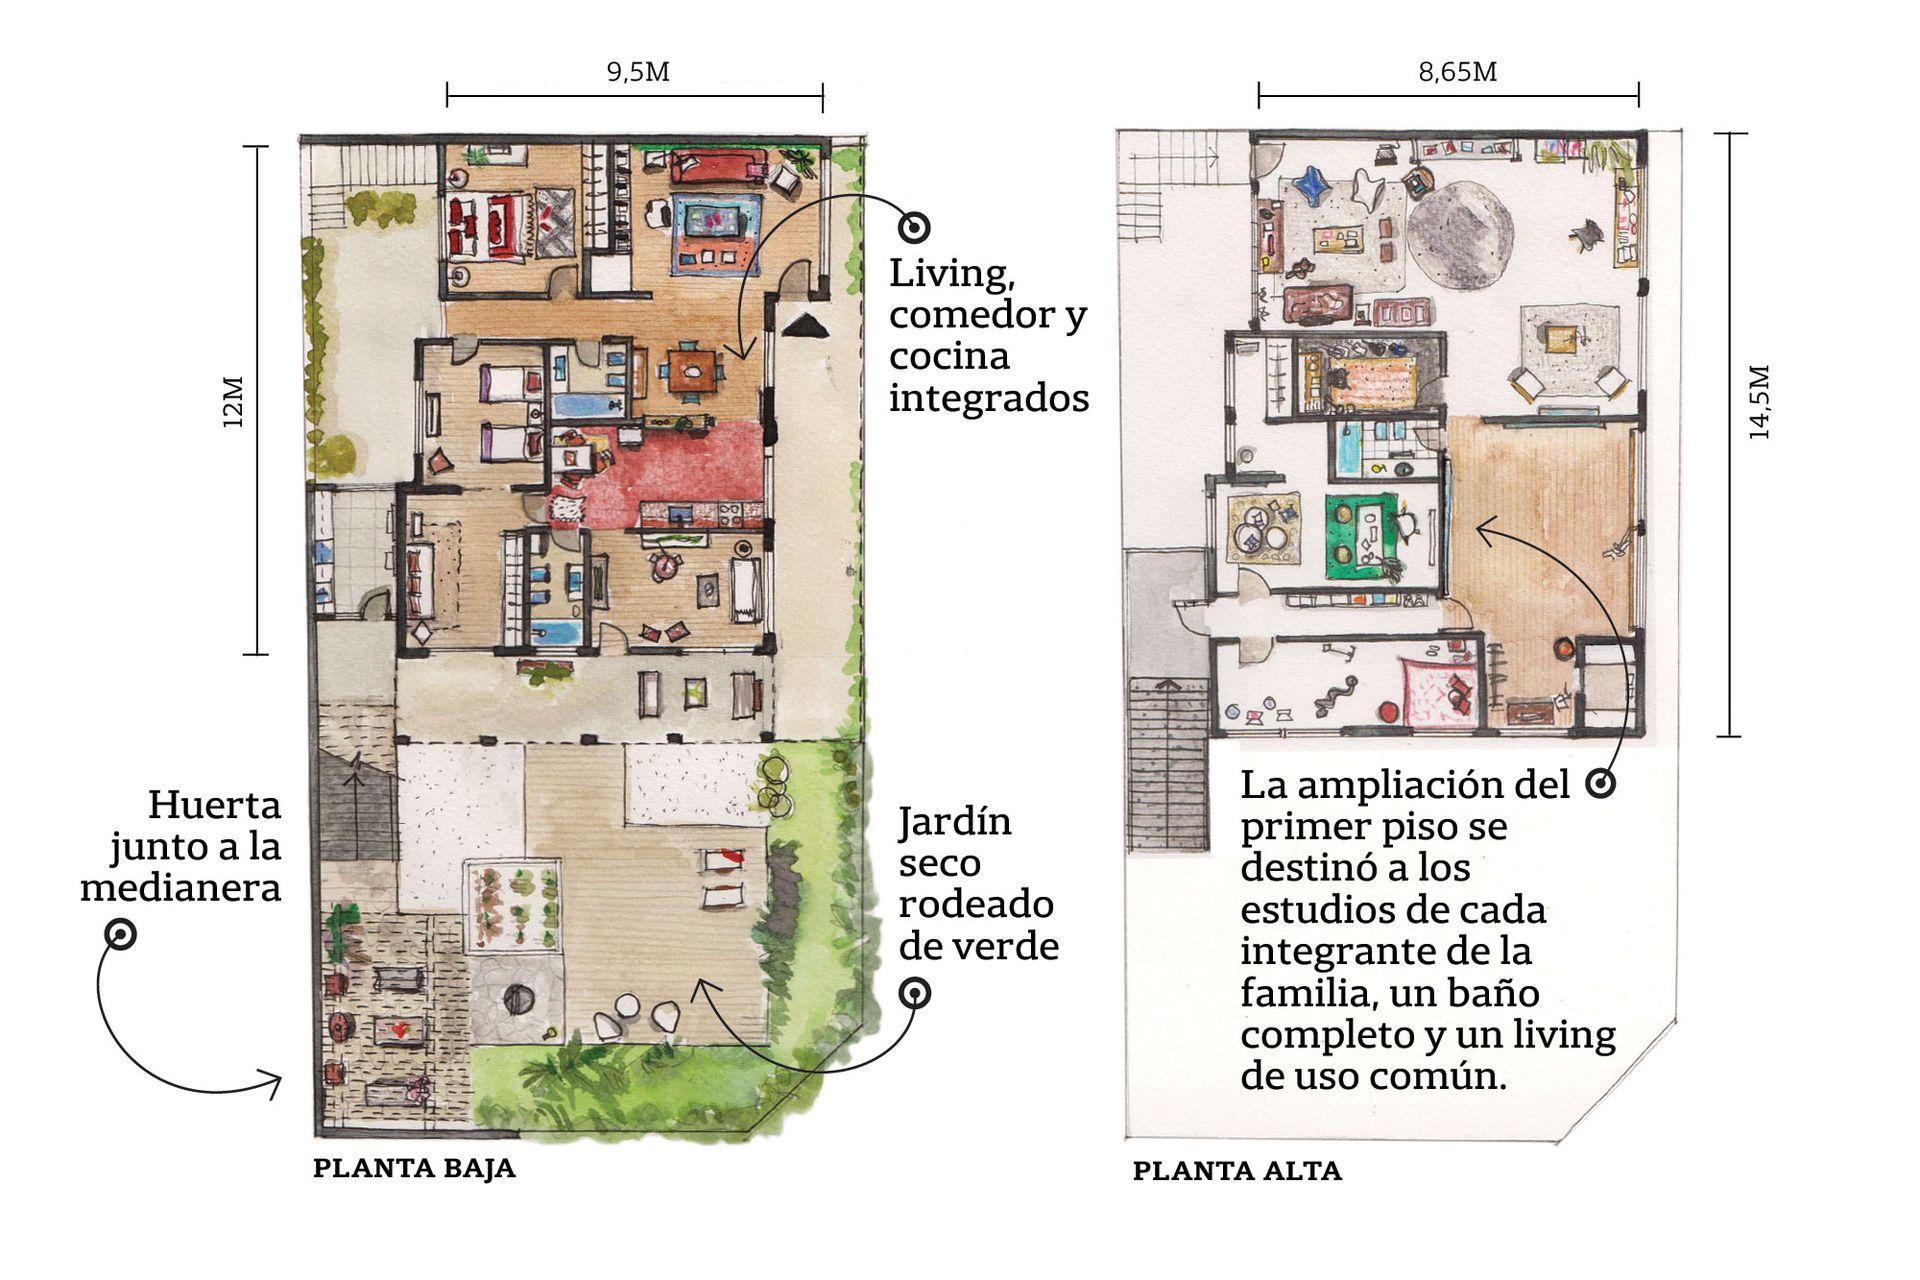 En la planta de arriba están los espacios de trabajo, en la de abajo, el área social y los dormitorios.